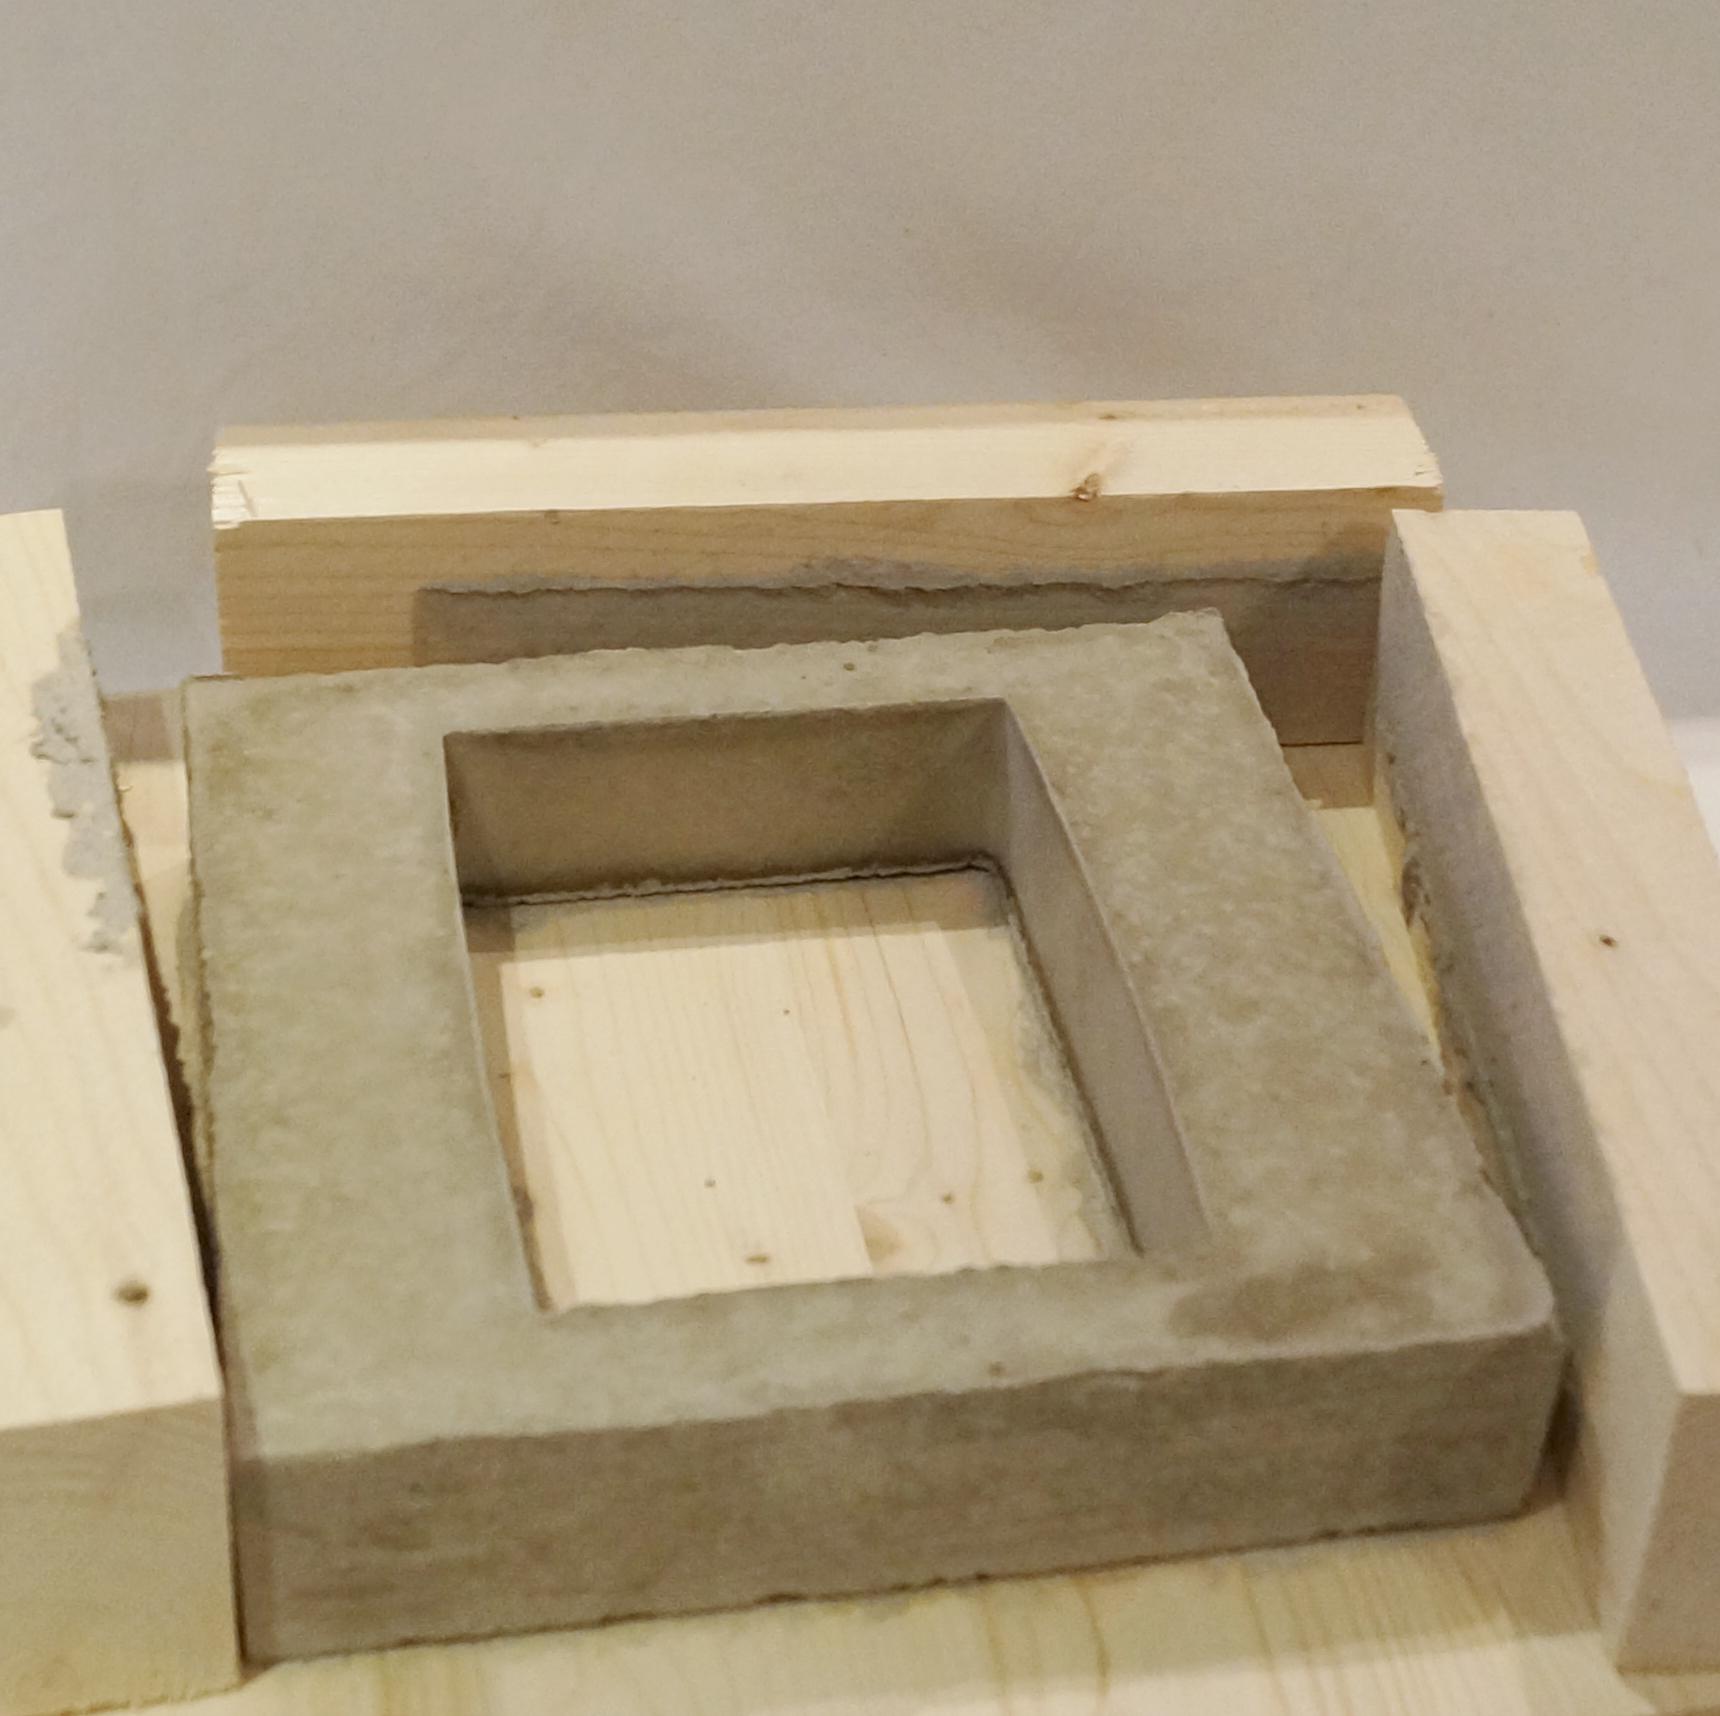 betonlampe betonlampe lampe hc31 diy textilkabel beton. Black Bedroom Furniture Sets. Home Design Ideas